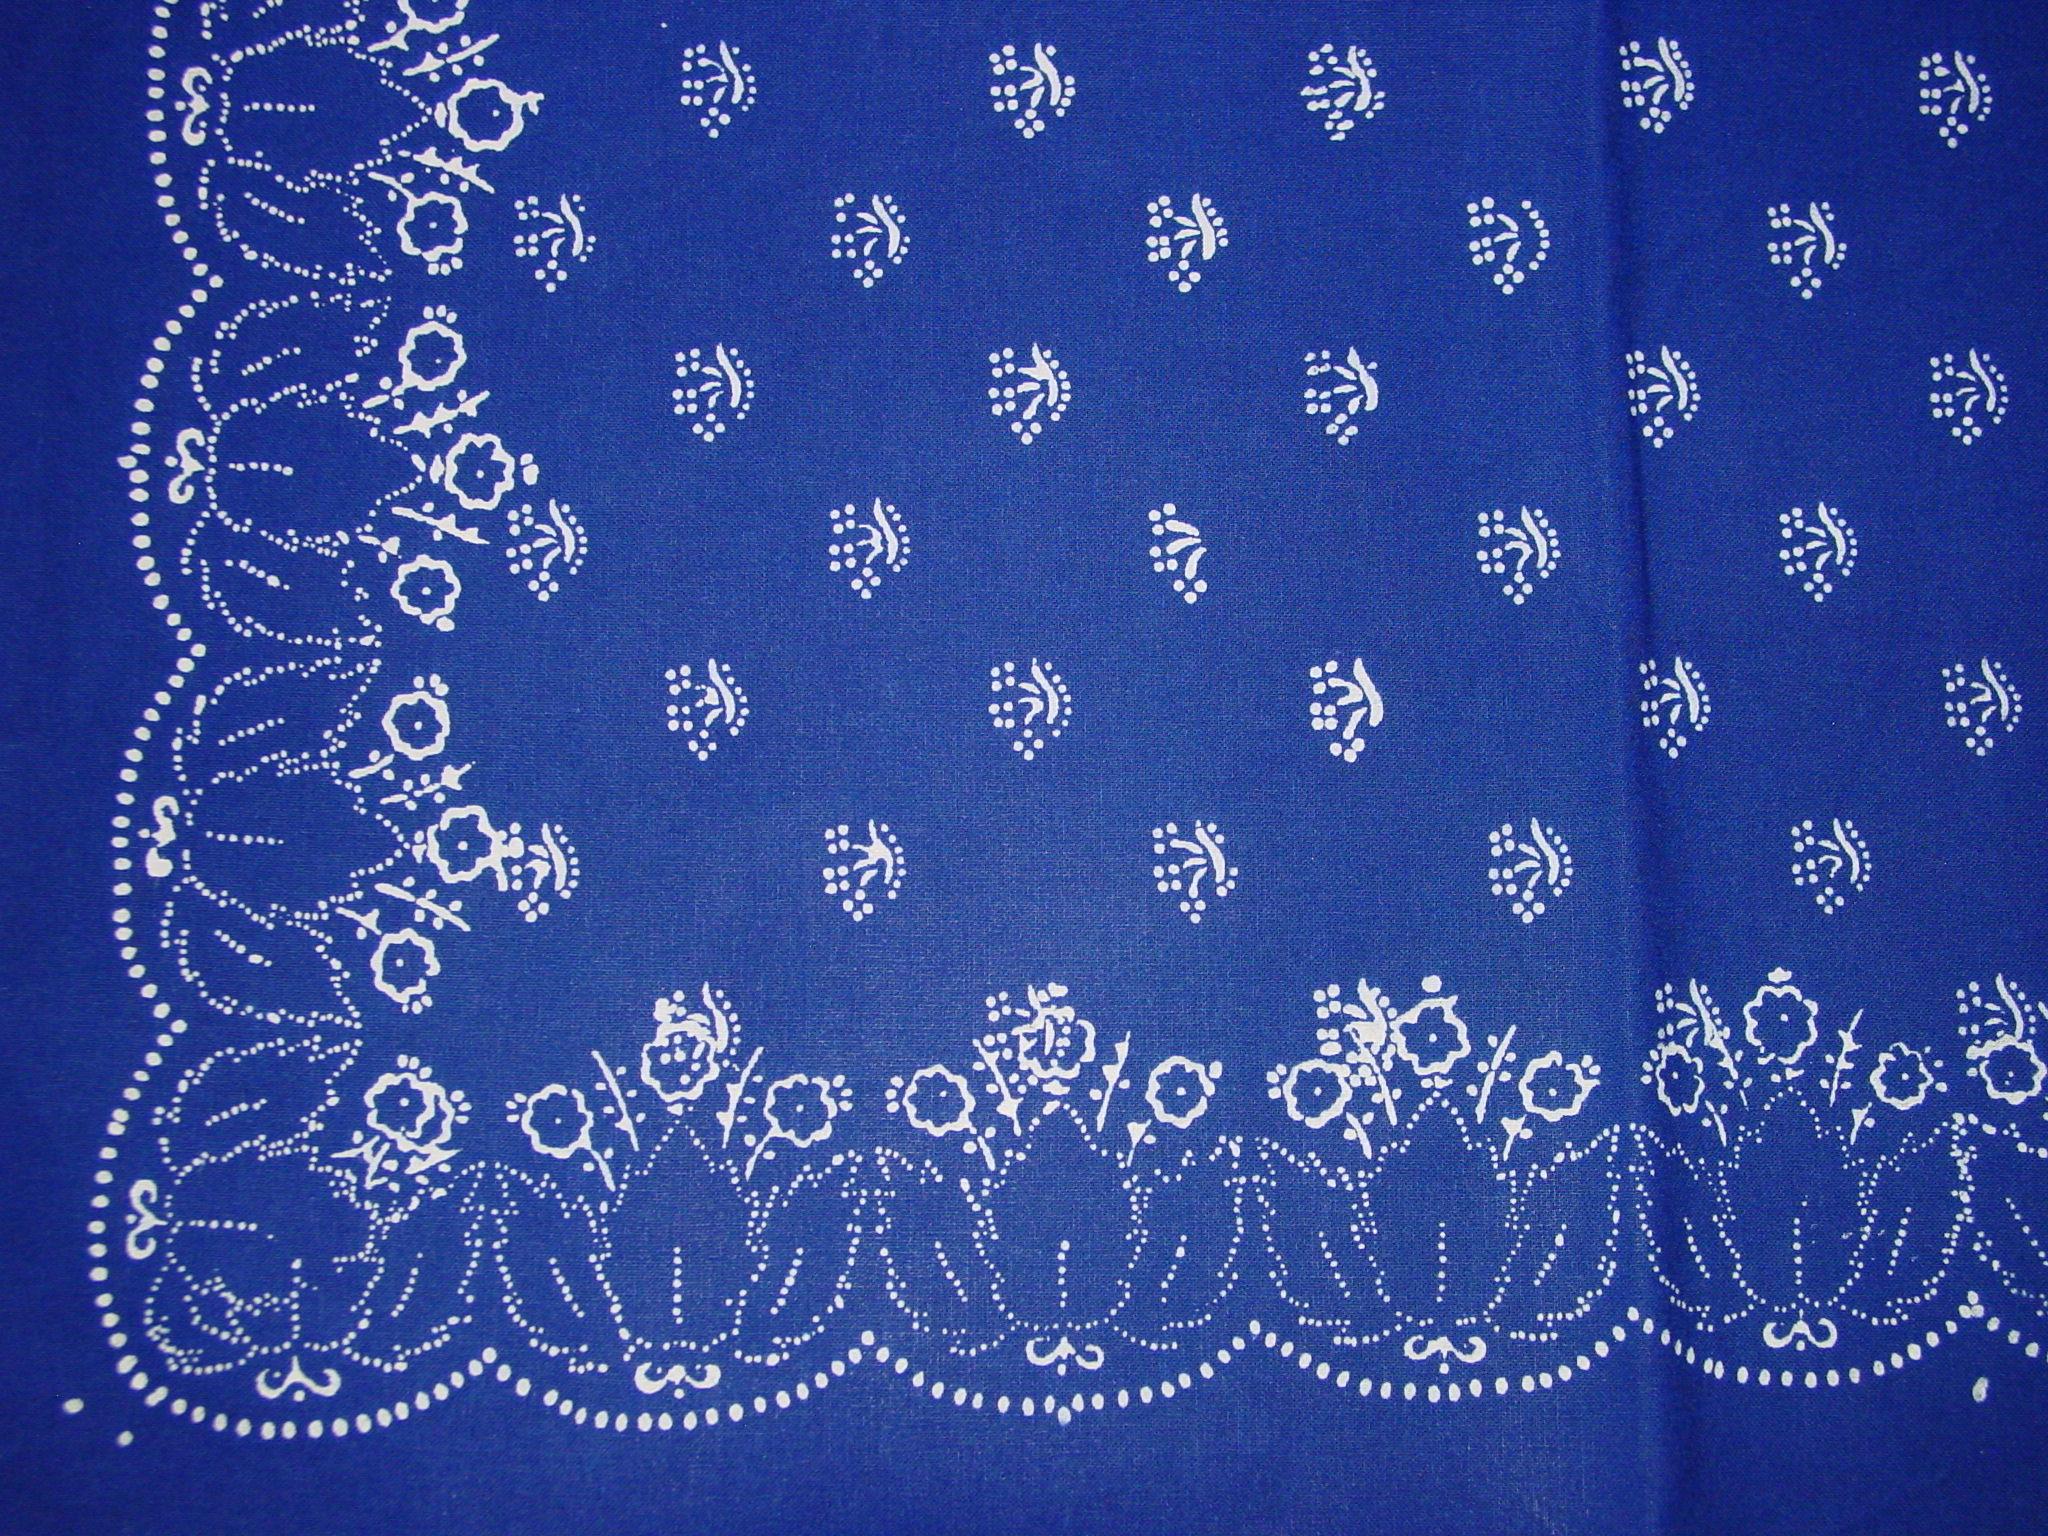 Blaudruck - Deckchen 6132-1247